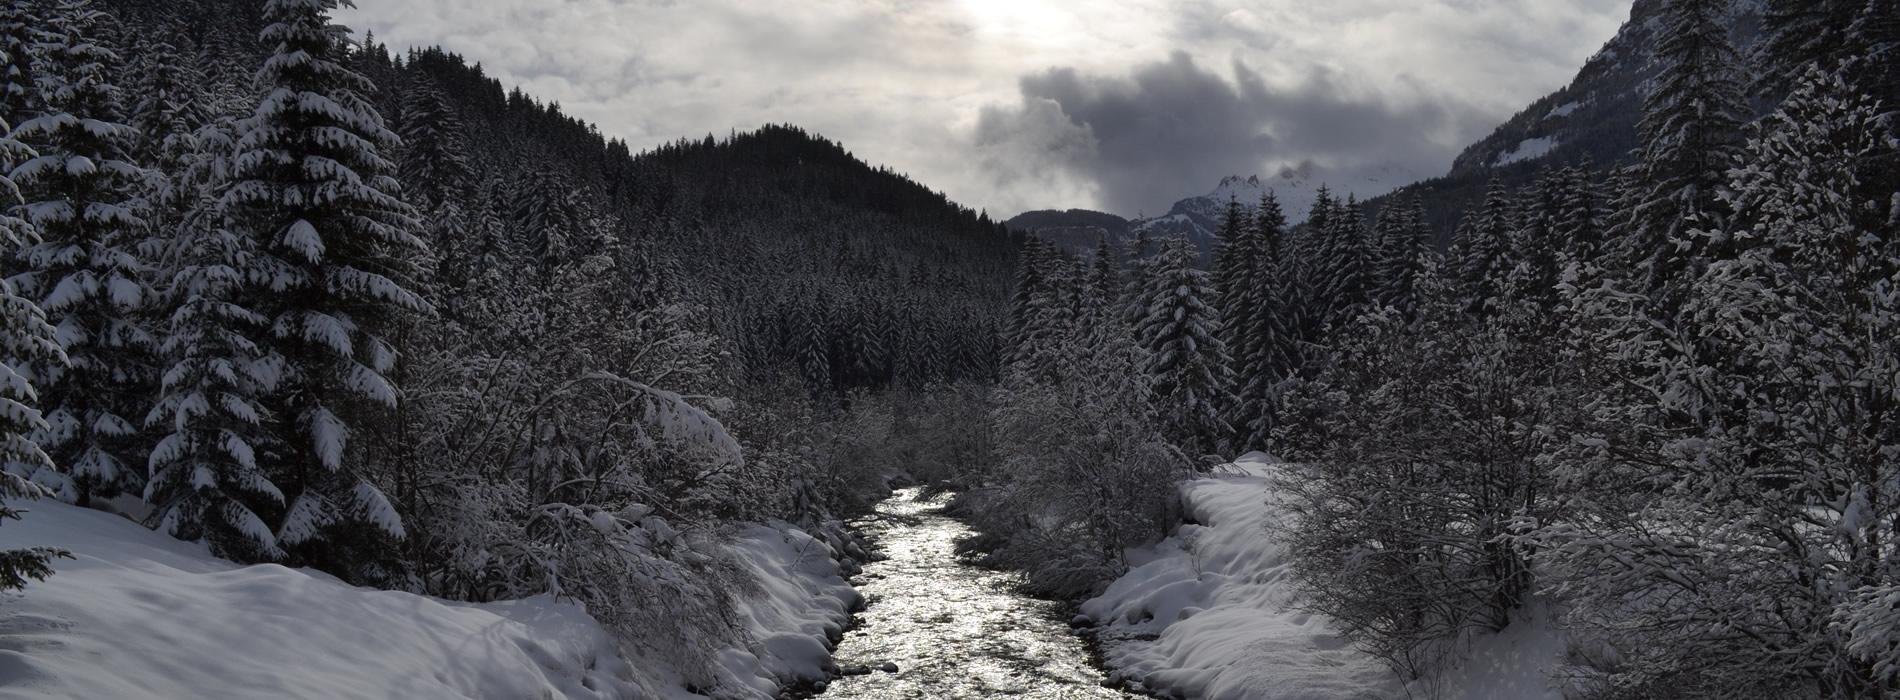 Soggiorno Dolomiti | Campestrin – Val di Fassa – Trentino ...